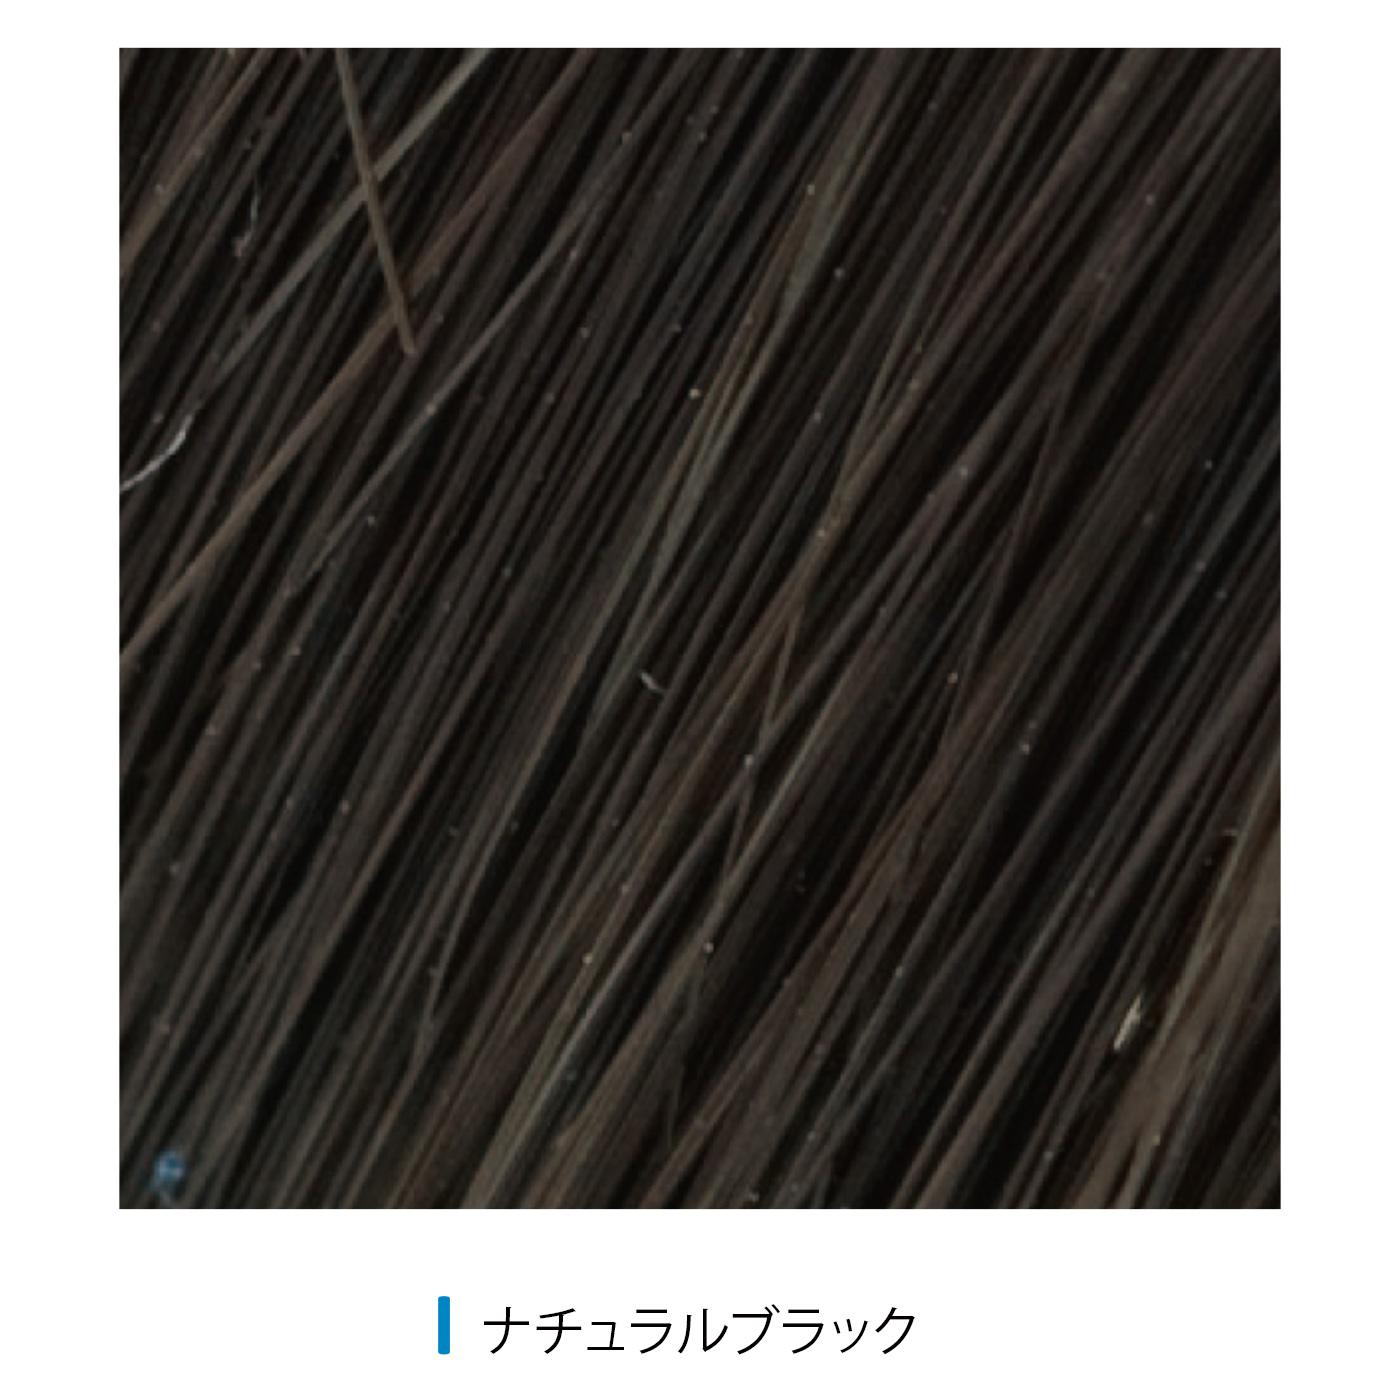 上質な人工毛なので、地毛に自然になじみます。